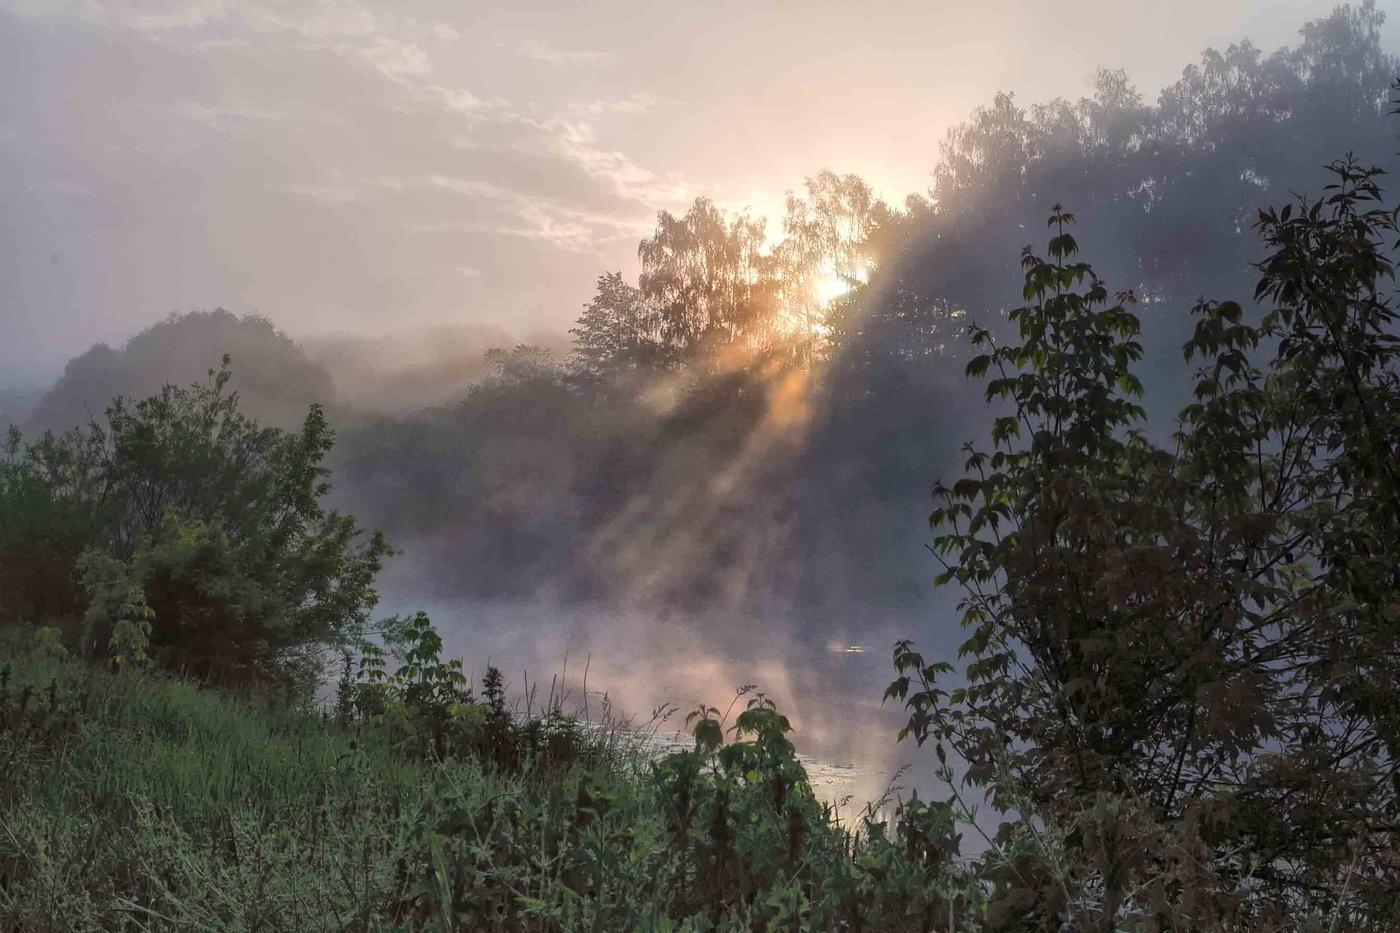 фотосессии картинки туманы августа минусом